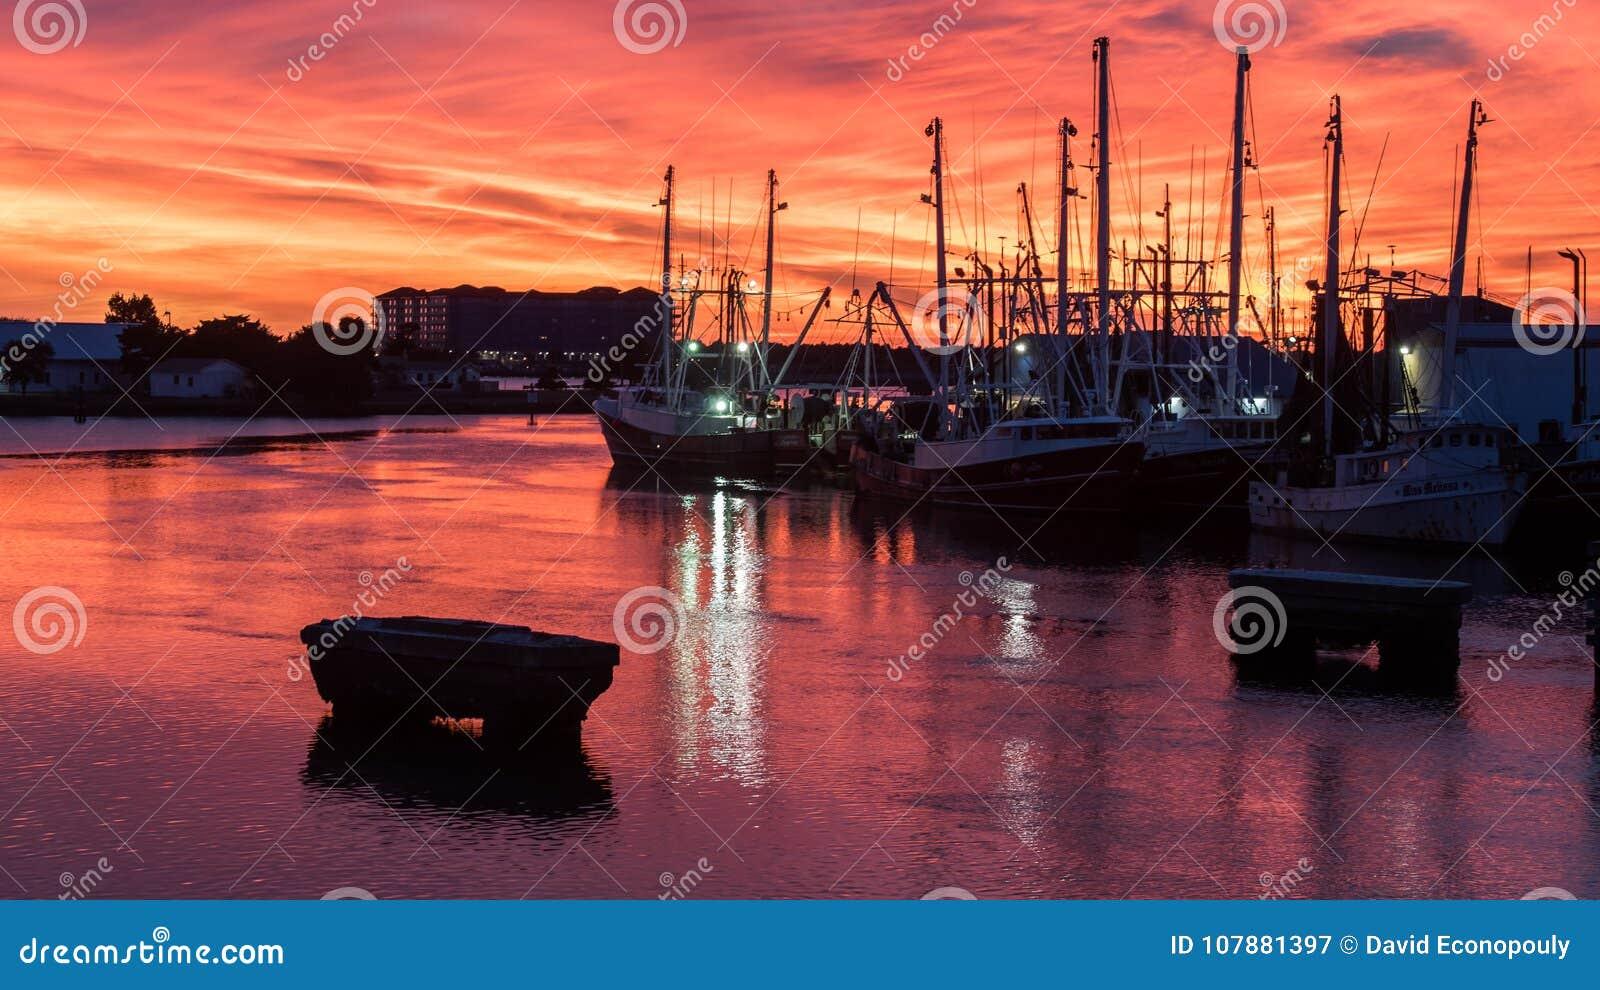 Fishing boats at sunset in Marina